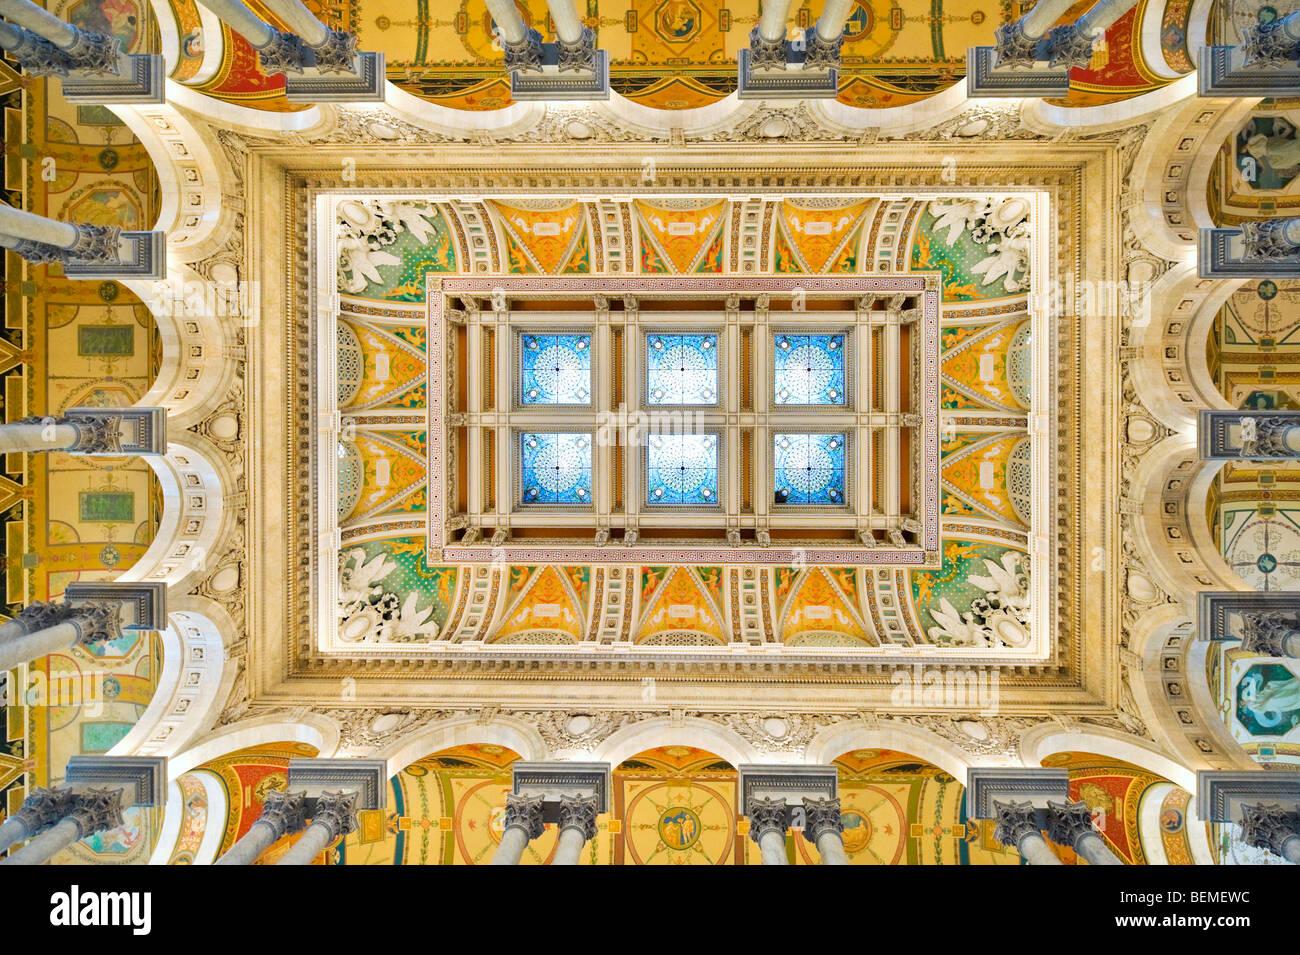 Decke der großen Halle in der Thomas Jefferson Building, Library of Congress, Washington DC, USA Stockbild